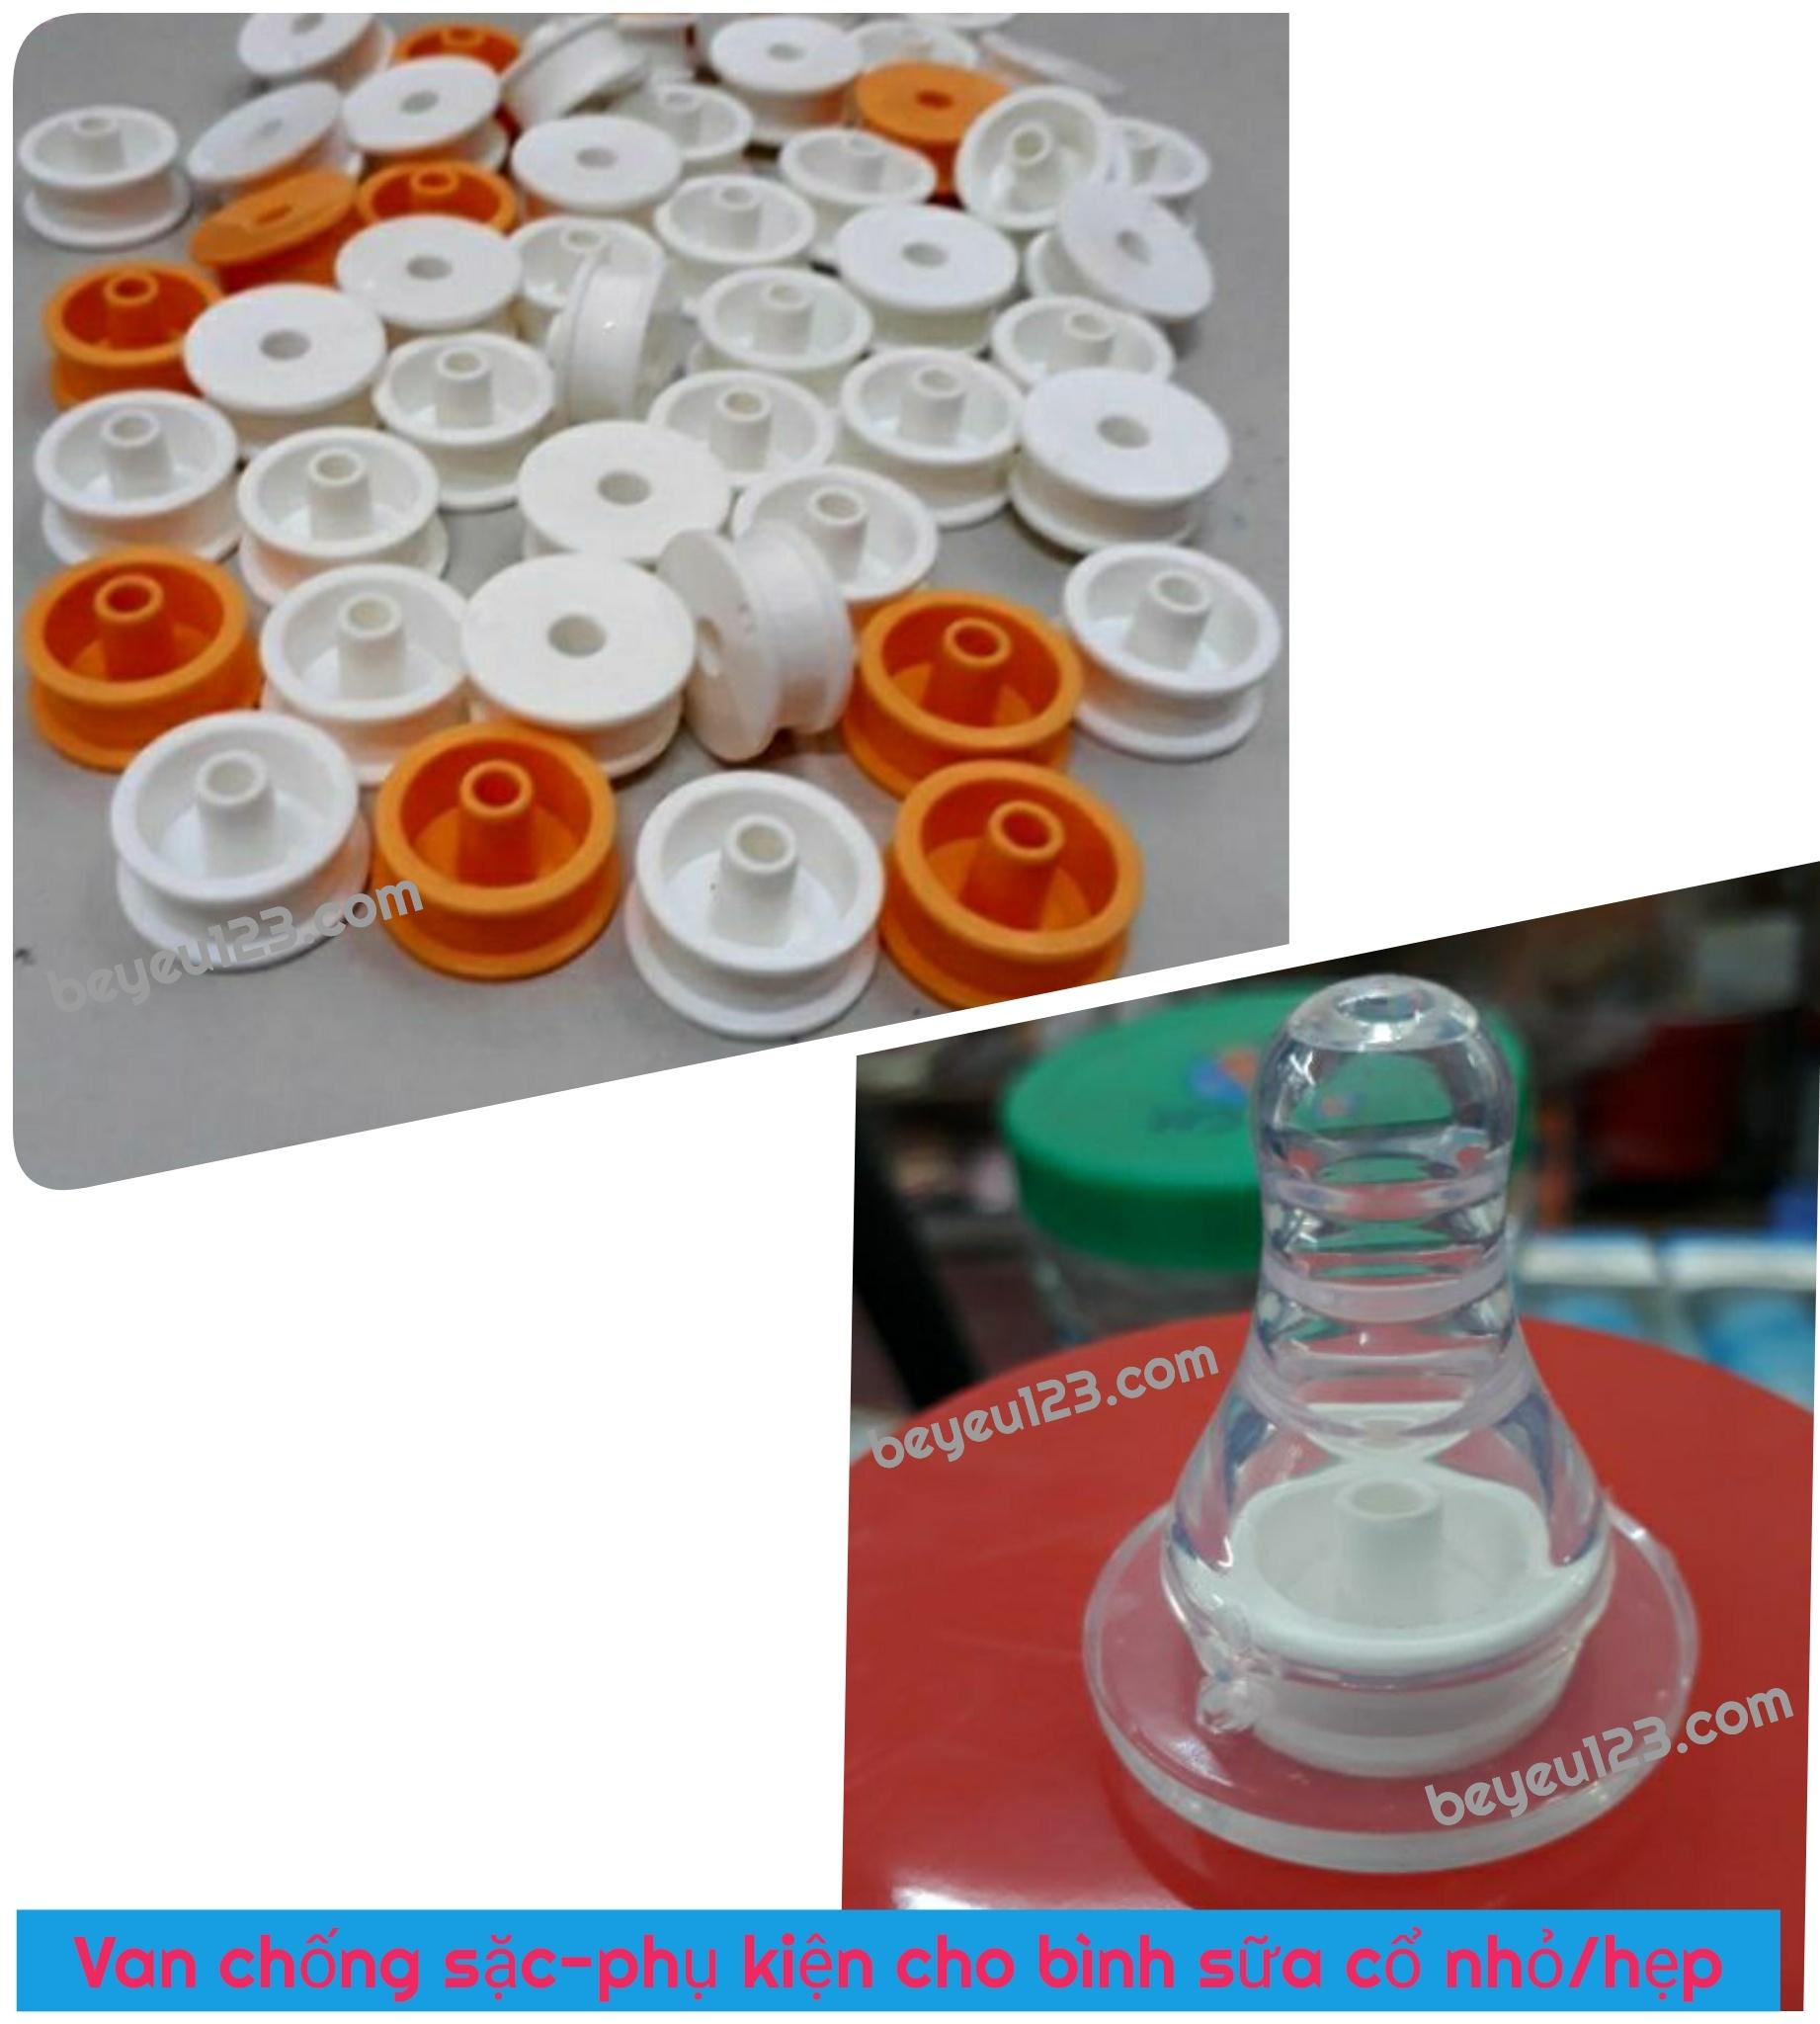 Van chống sặc - phụ kiện bình sữa cổ hẹp/nhỏ (60-90-120-240ml)